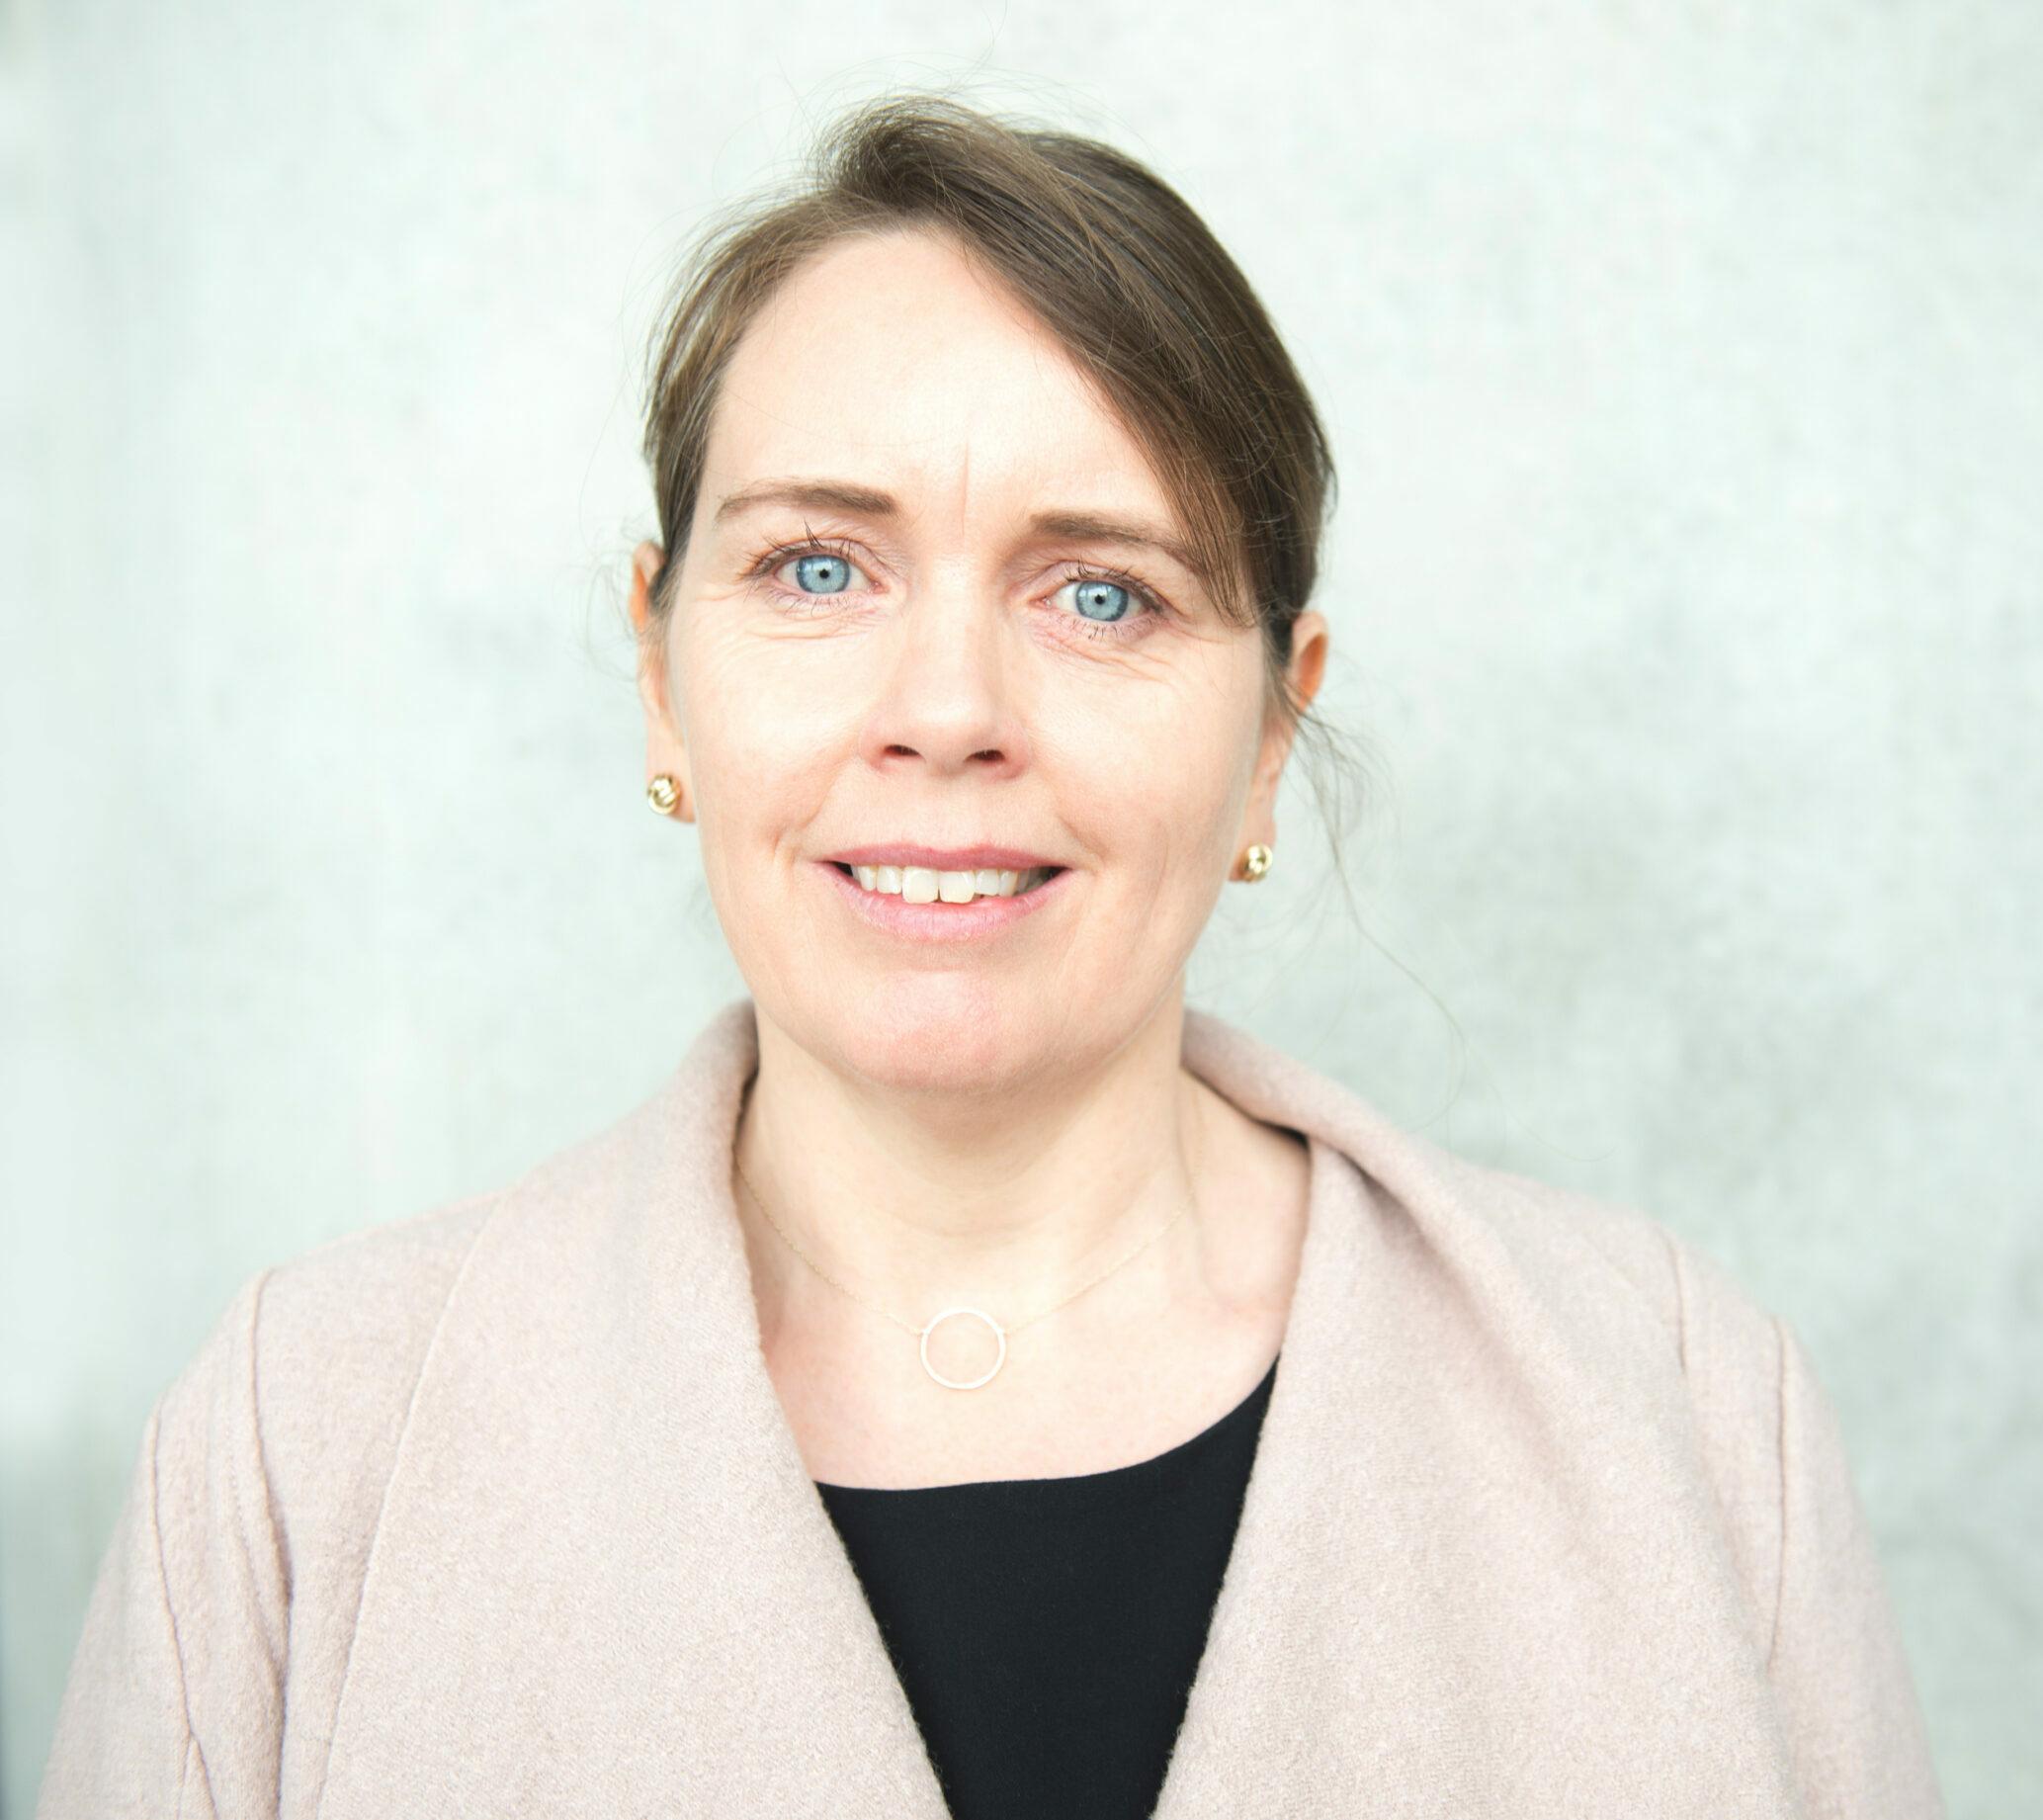 Fiona Van Echelpoel